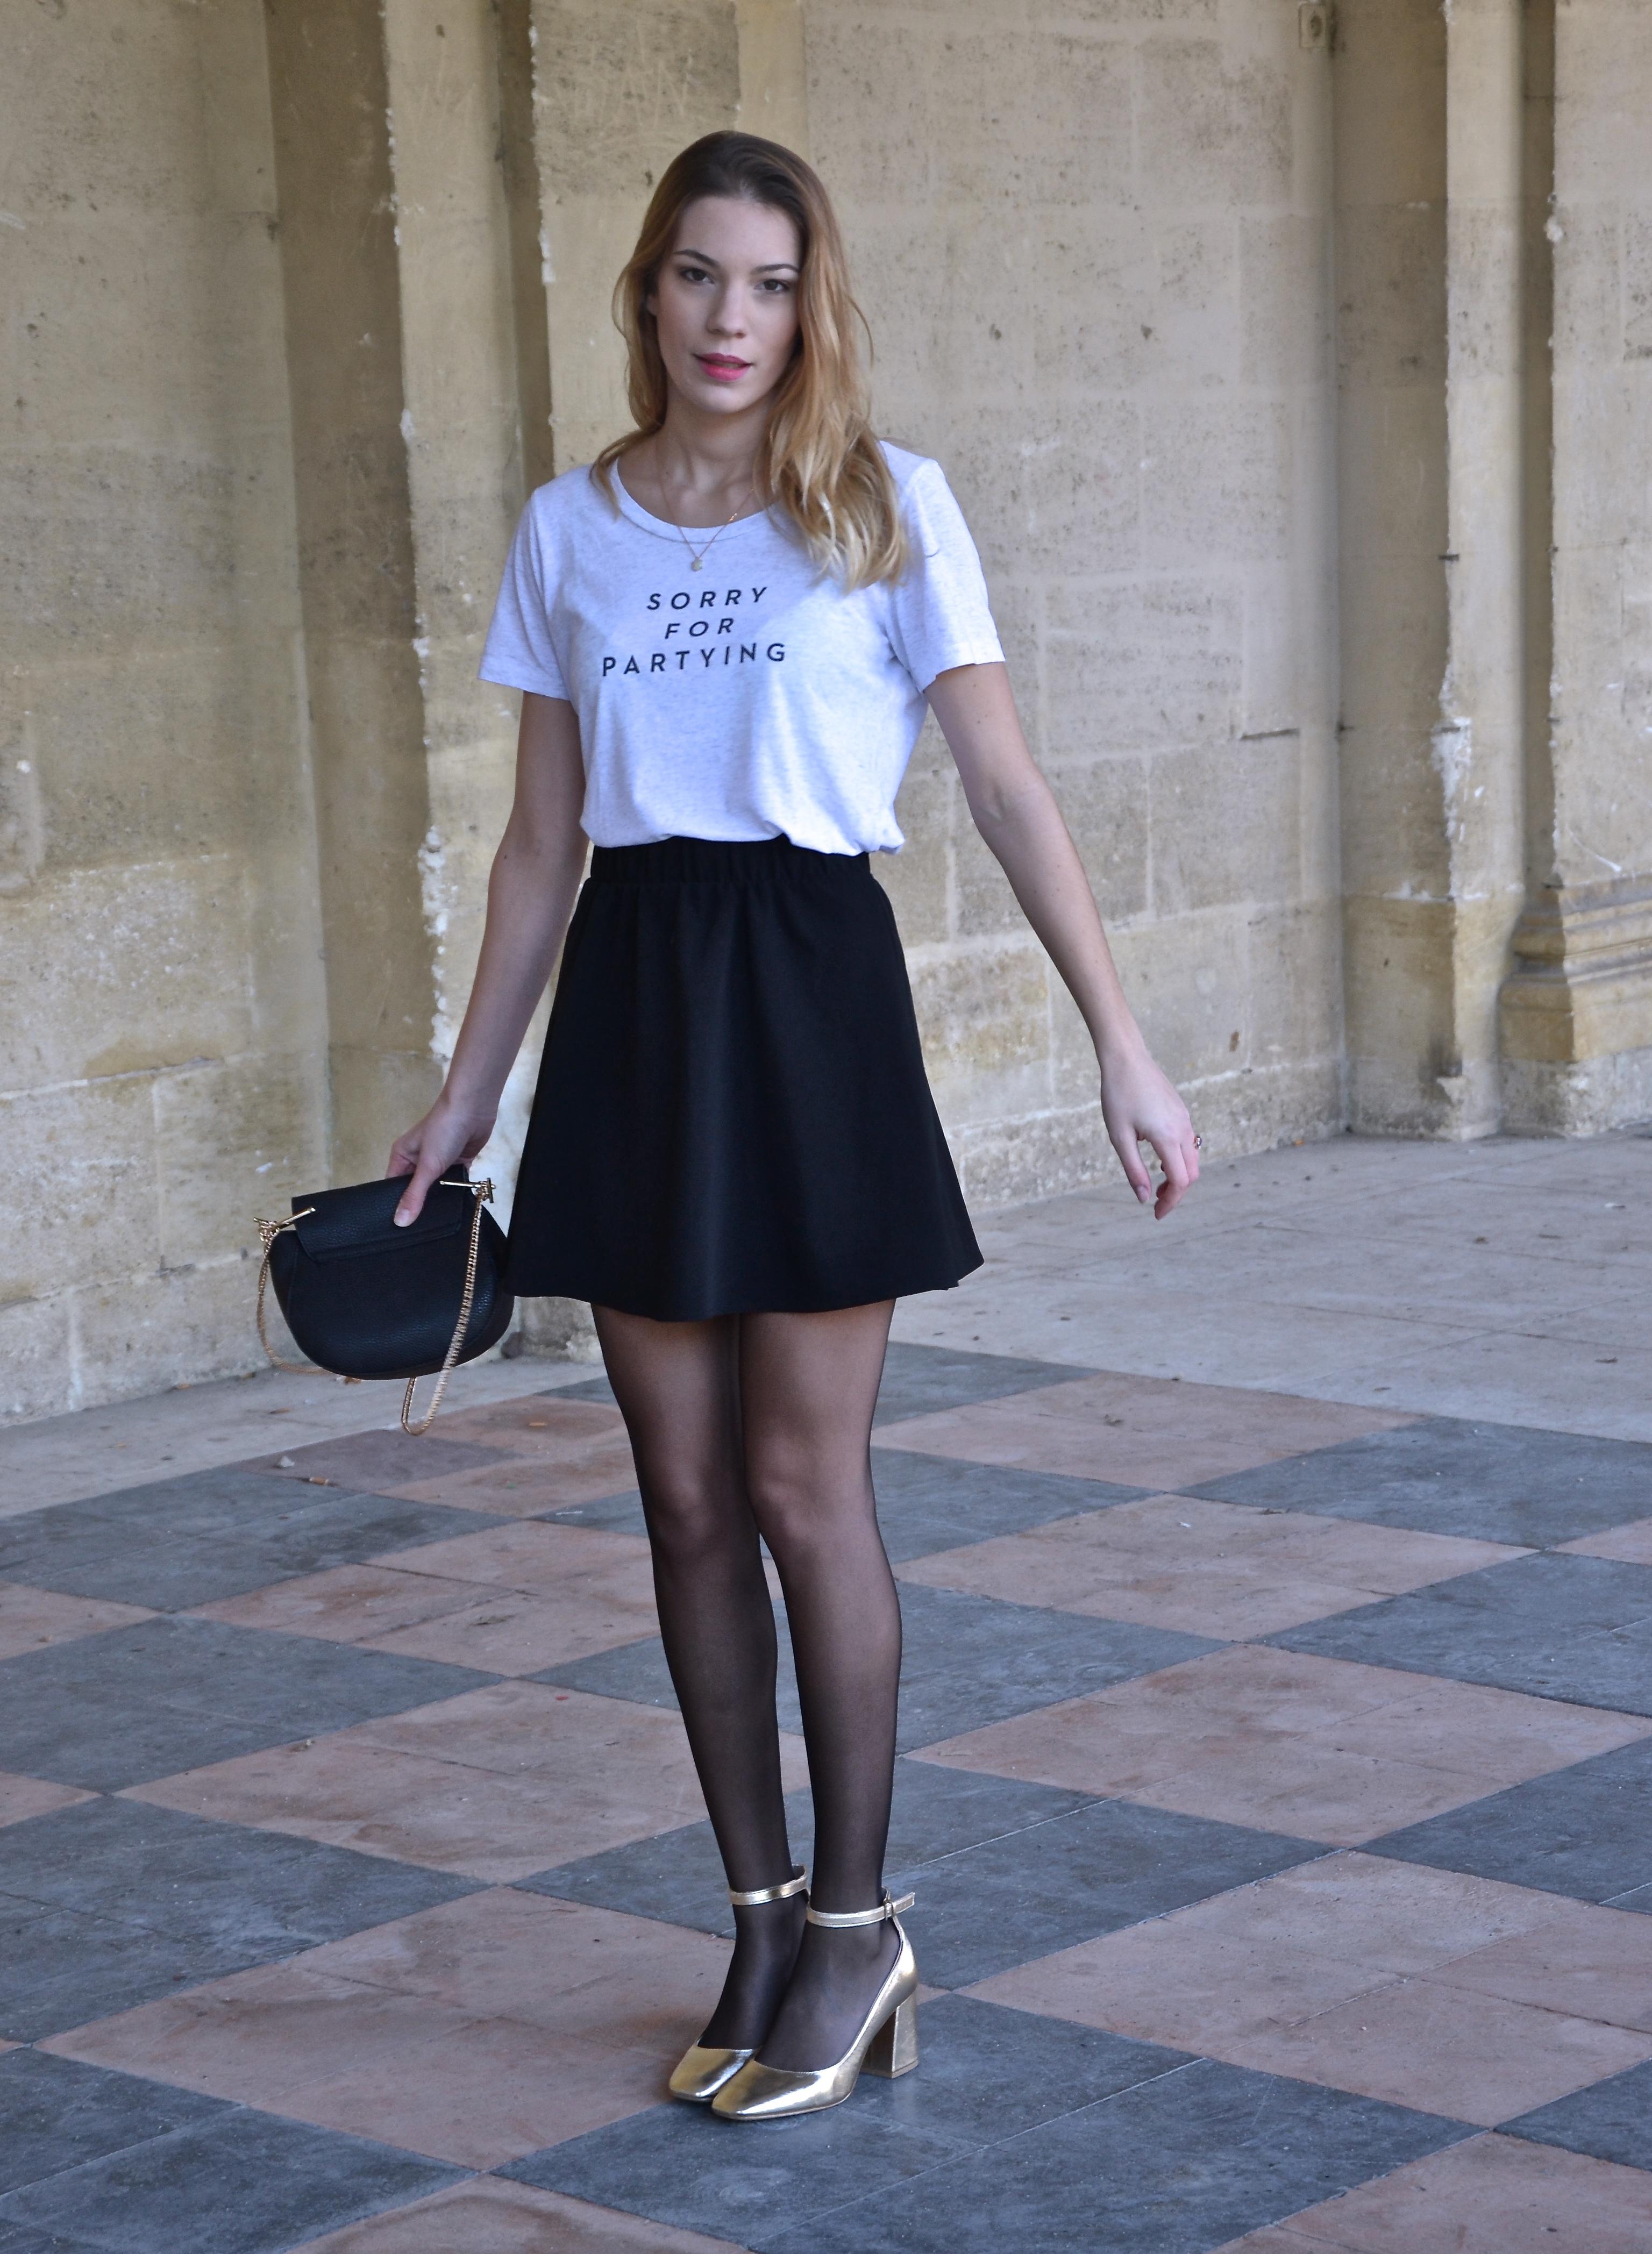 Юбка с футболкой с надписью